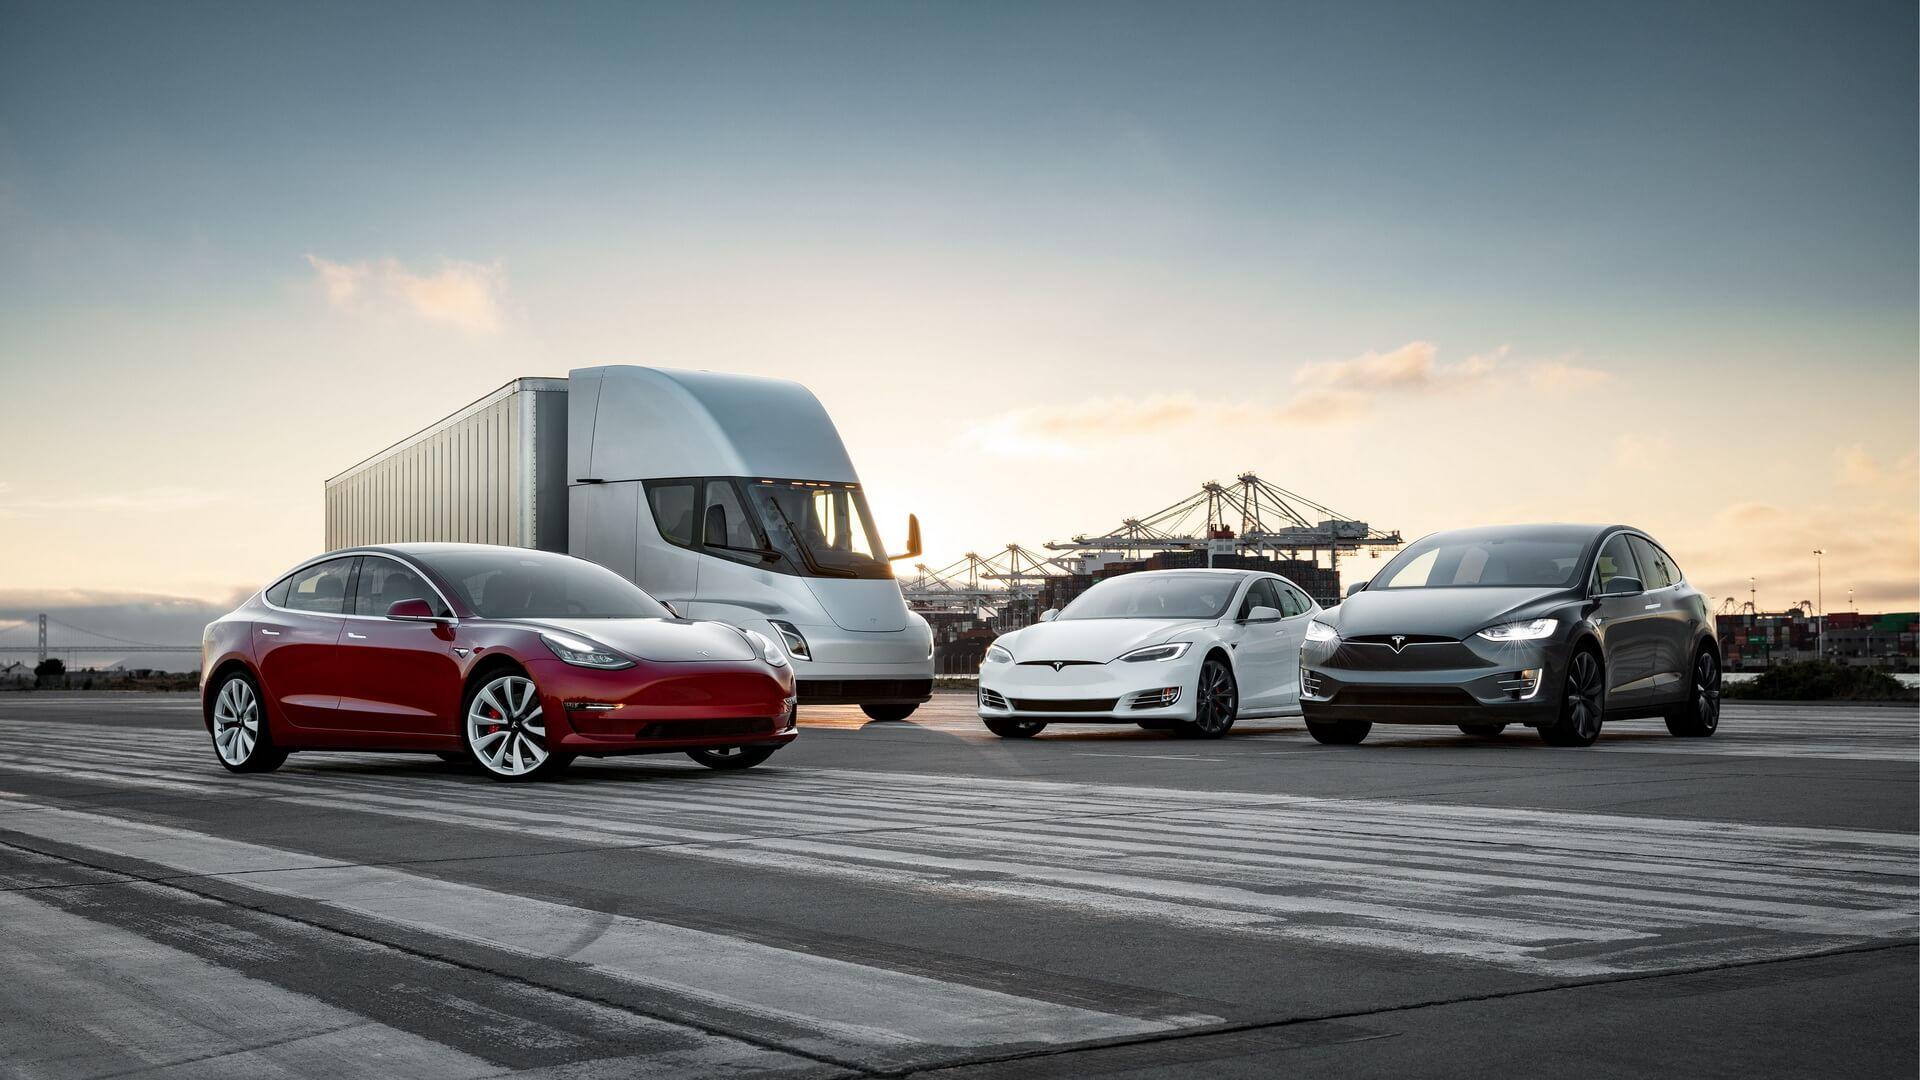 «Семейная фотография Tesla» под названием «SX3Semi-Family»